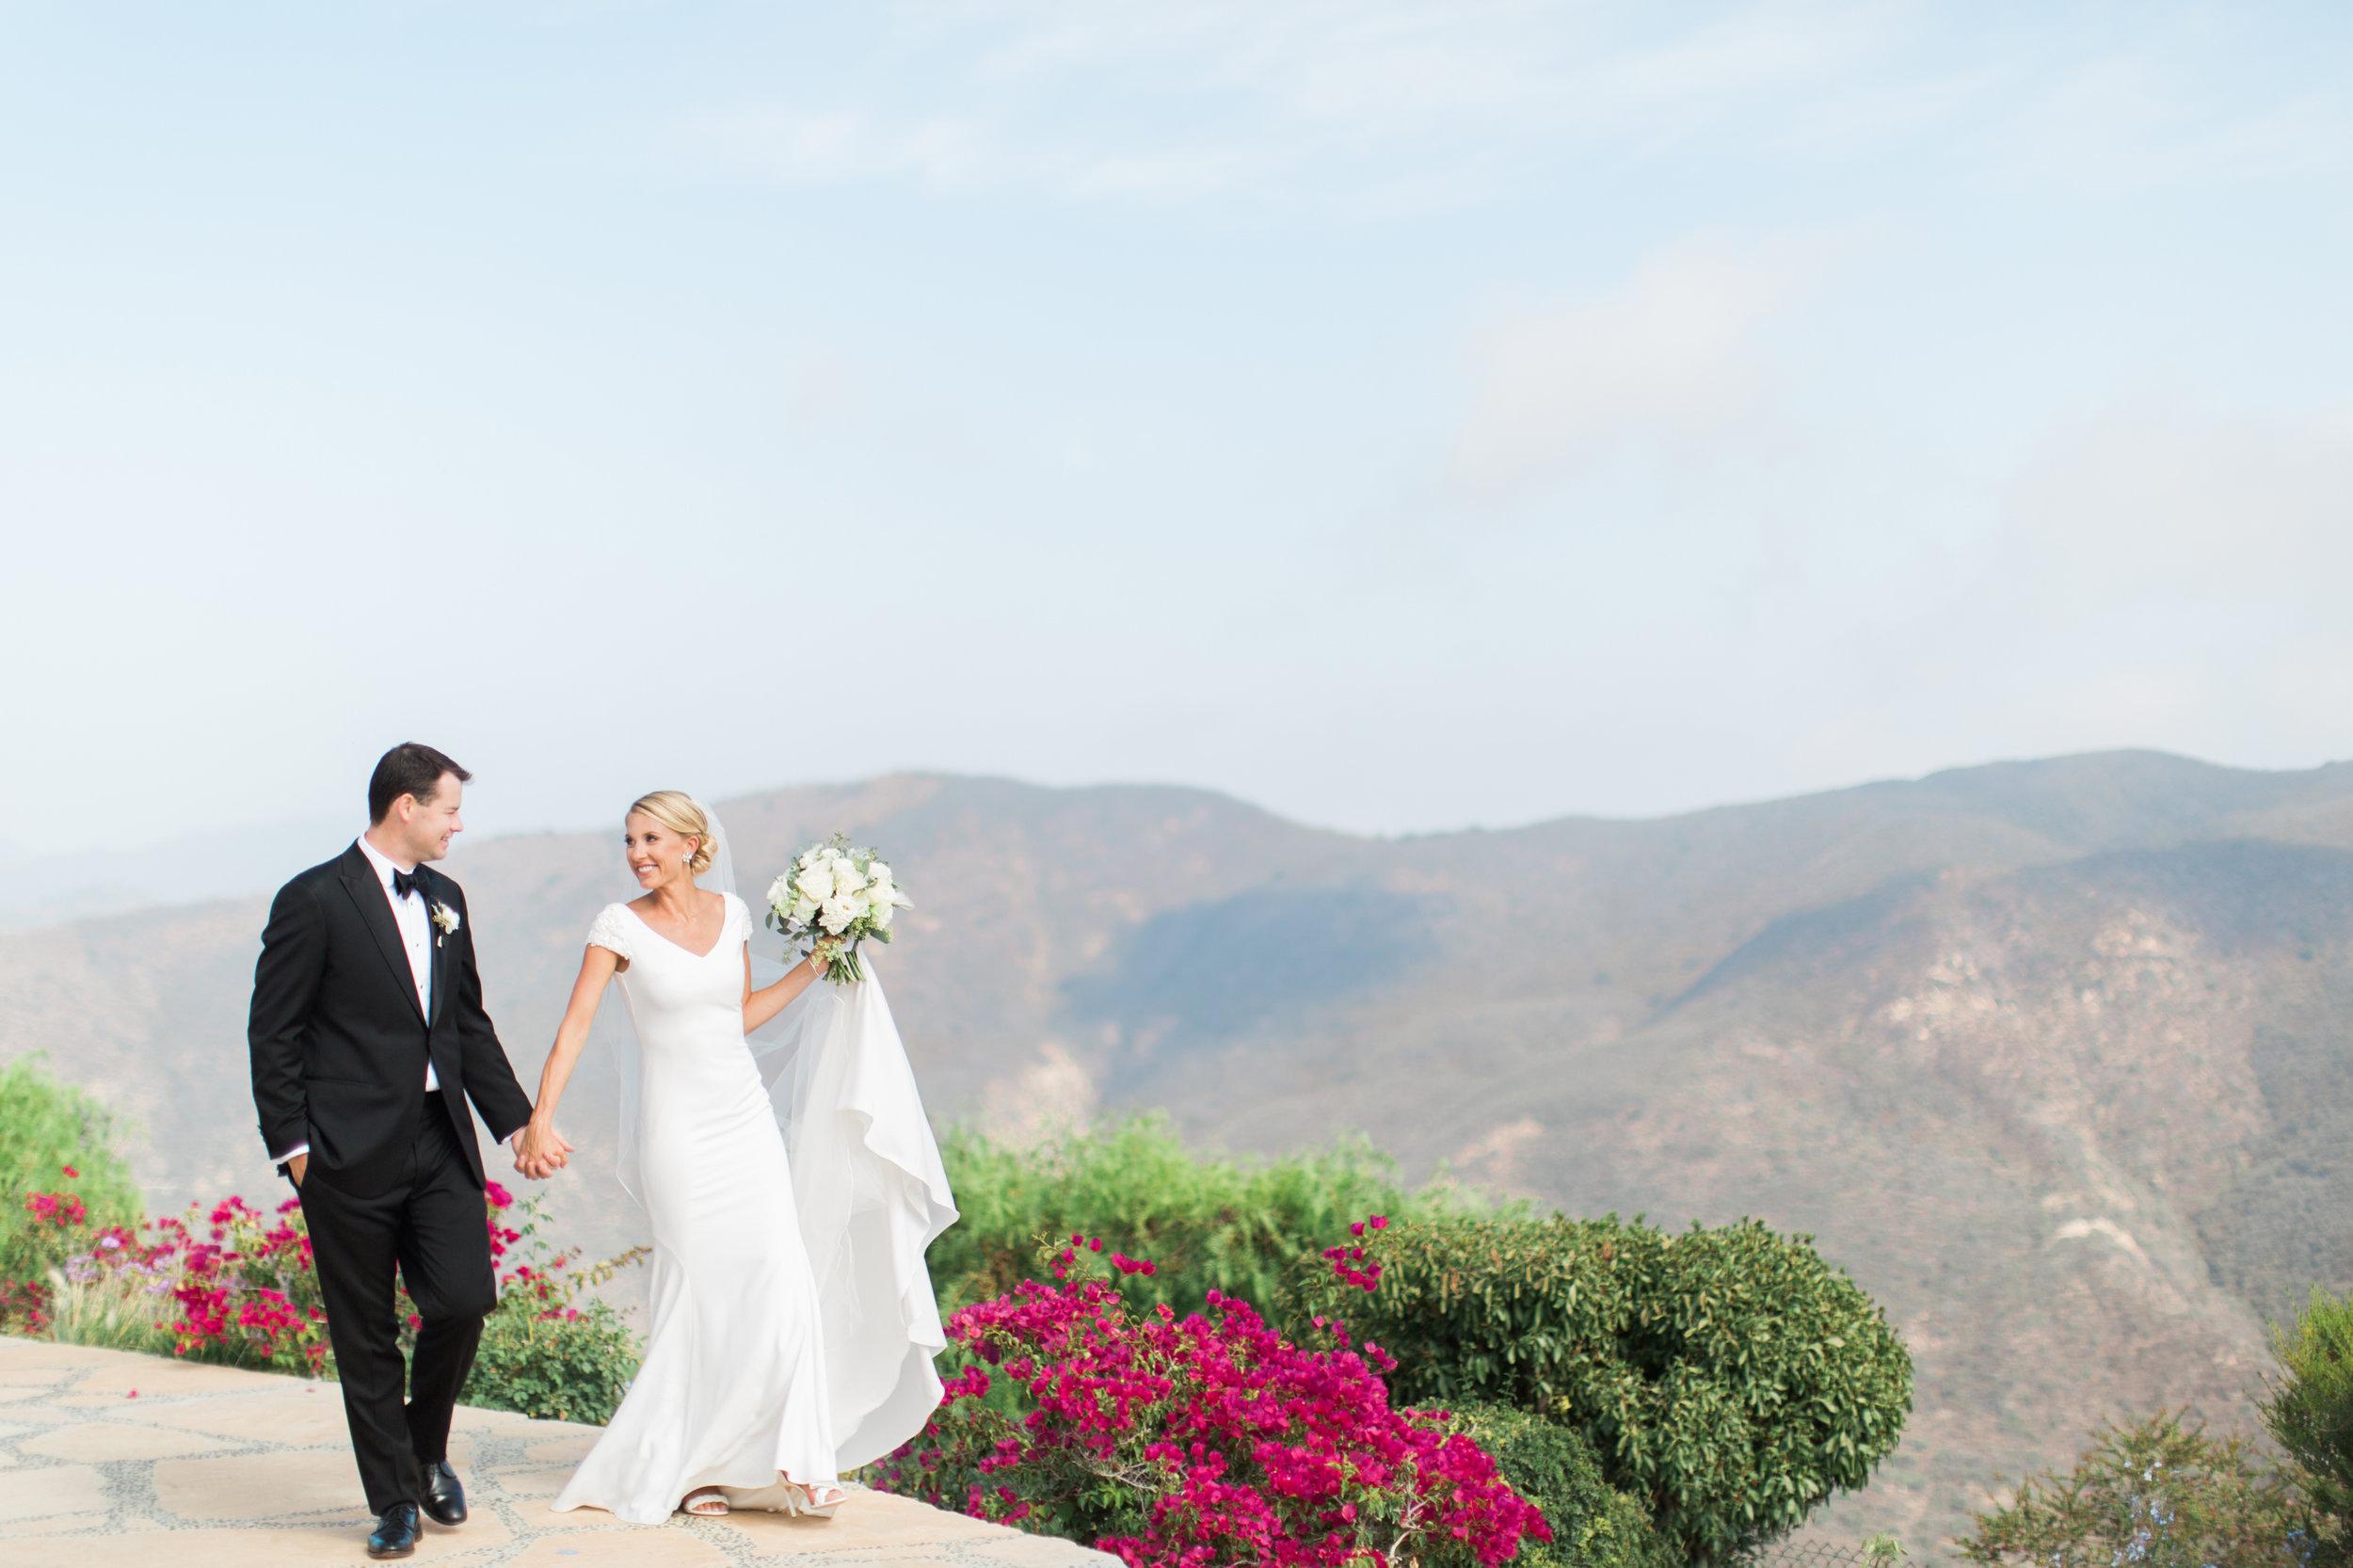 Rancho Del Sol Pacifico Wedding photographer Leah Vis  (2).jpg